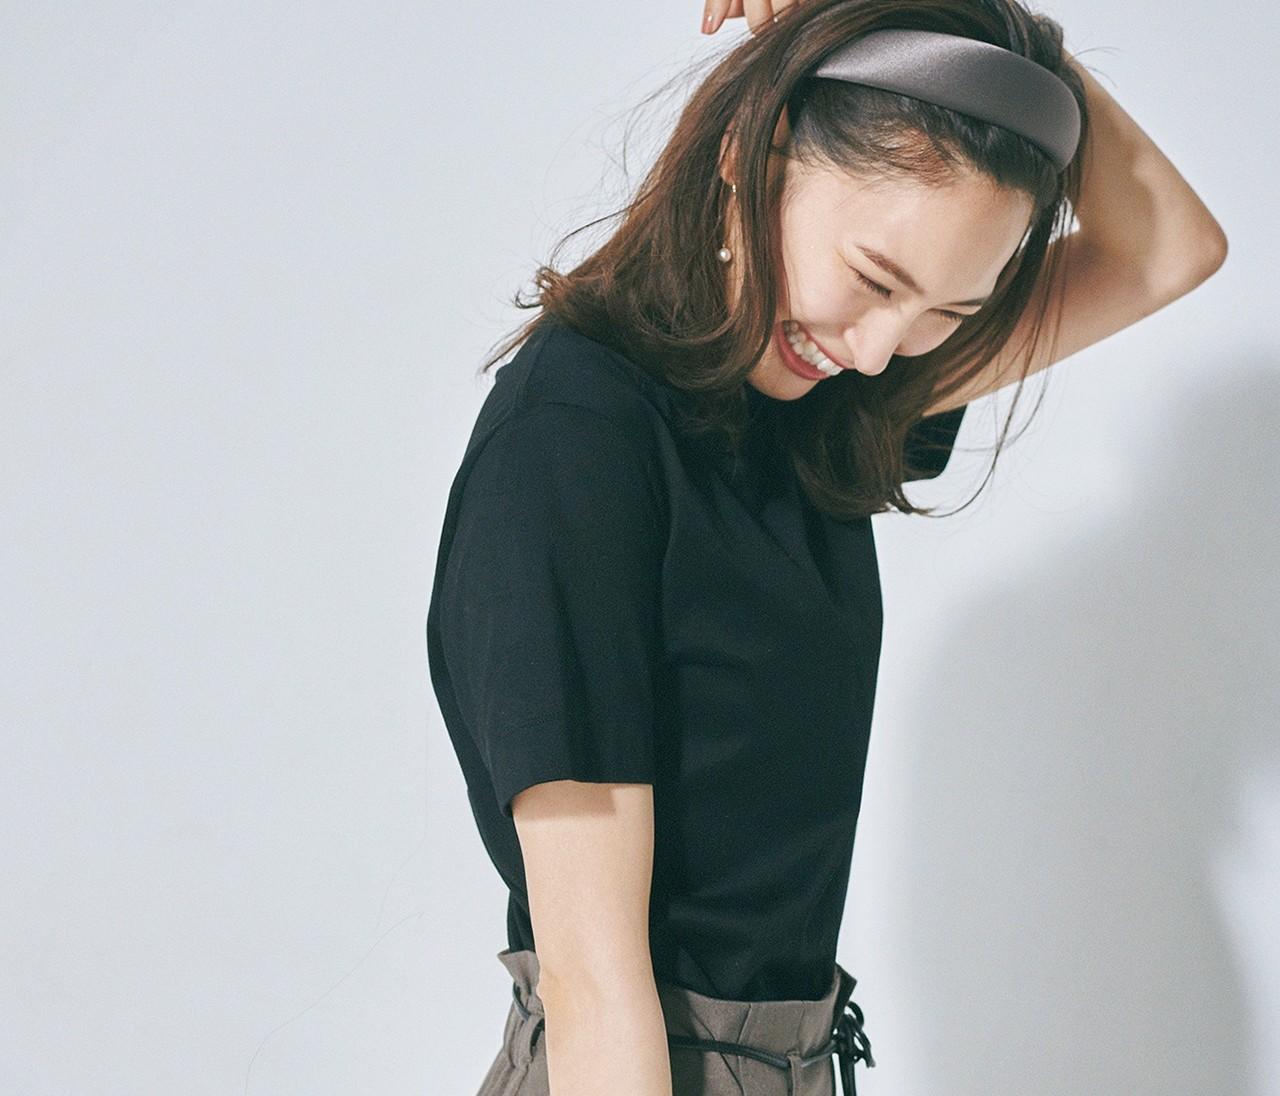 【大人の黒Tシャツ】今から秋まで9通りの着回し実例をチェック!